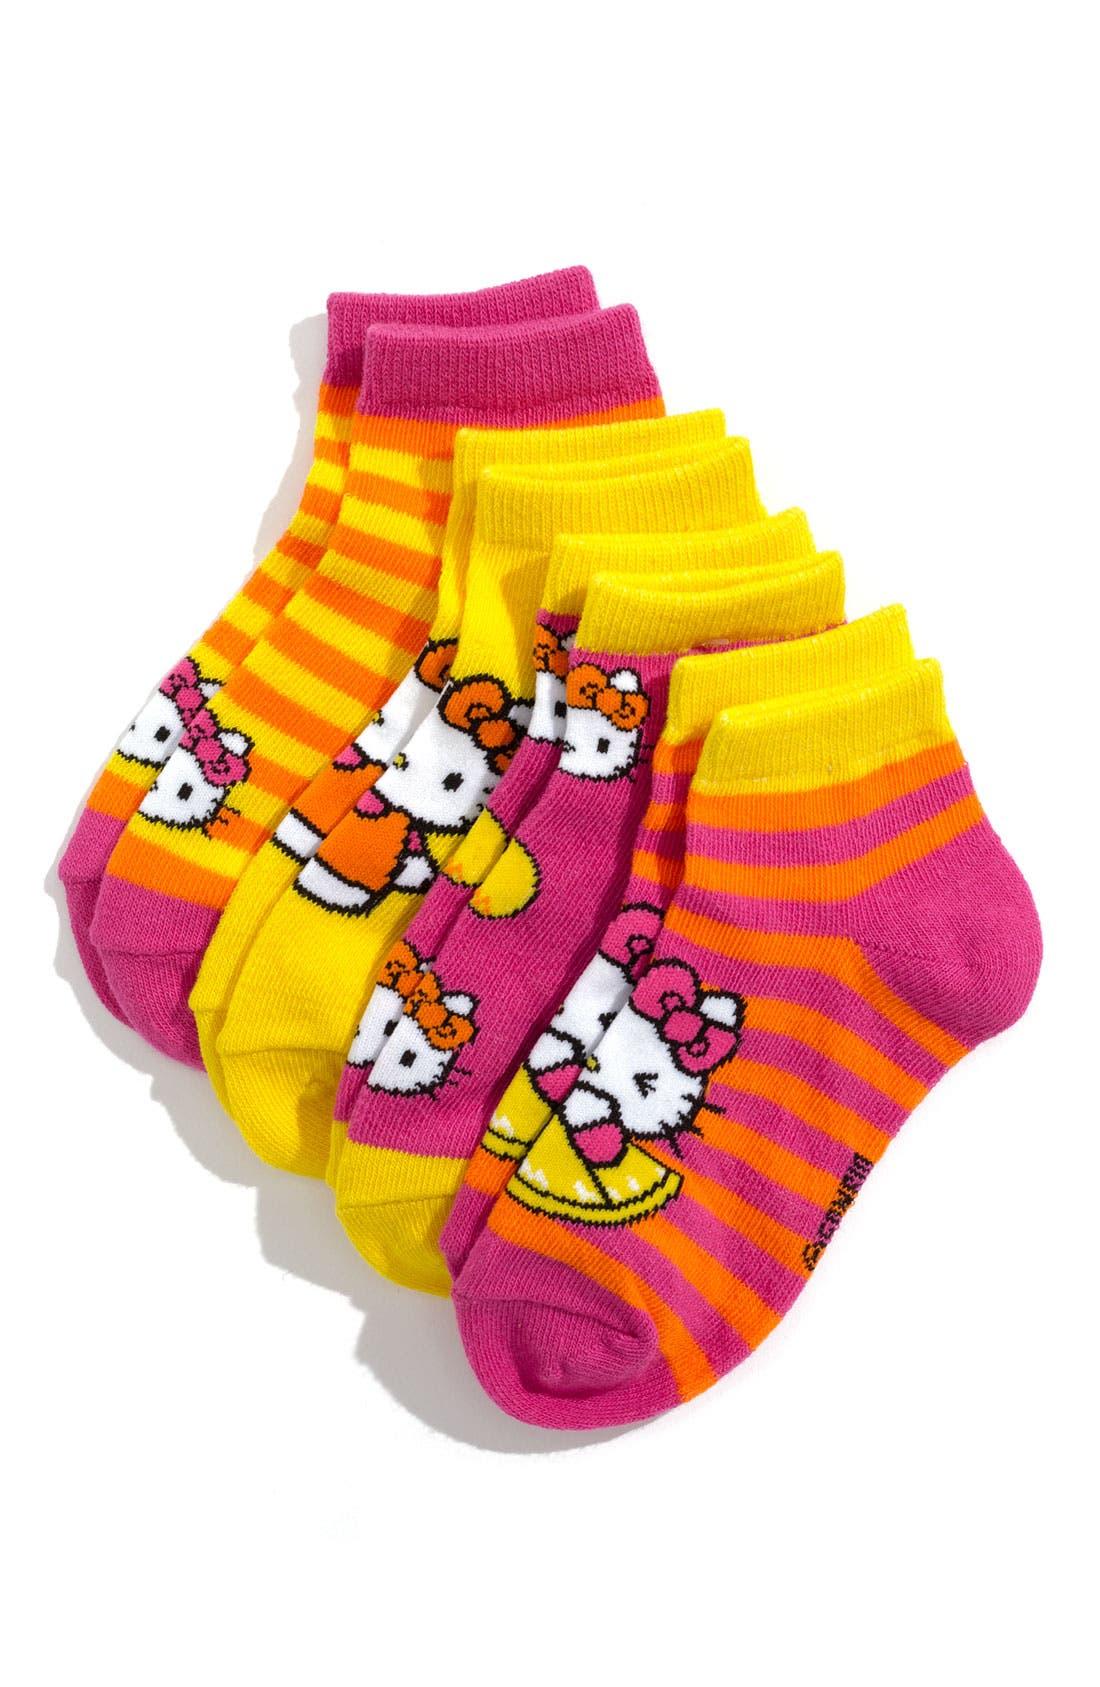 Main Image - Hello Kitty® 'Lemon' Quarter Length Socks (5-Pack) (Toddler, Little Girls & Big Girls)